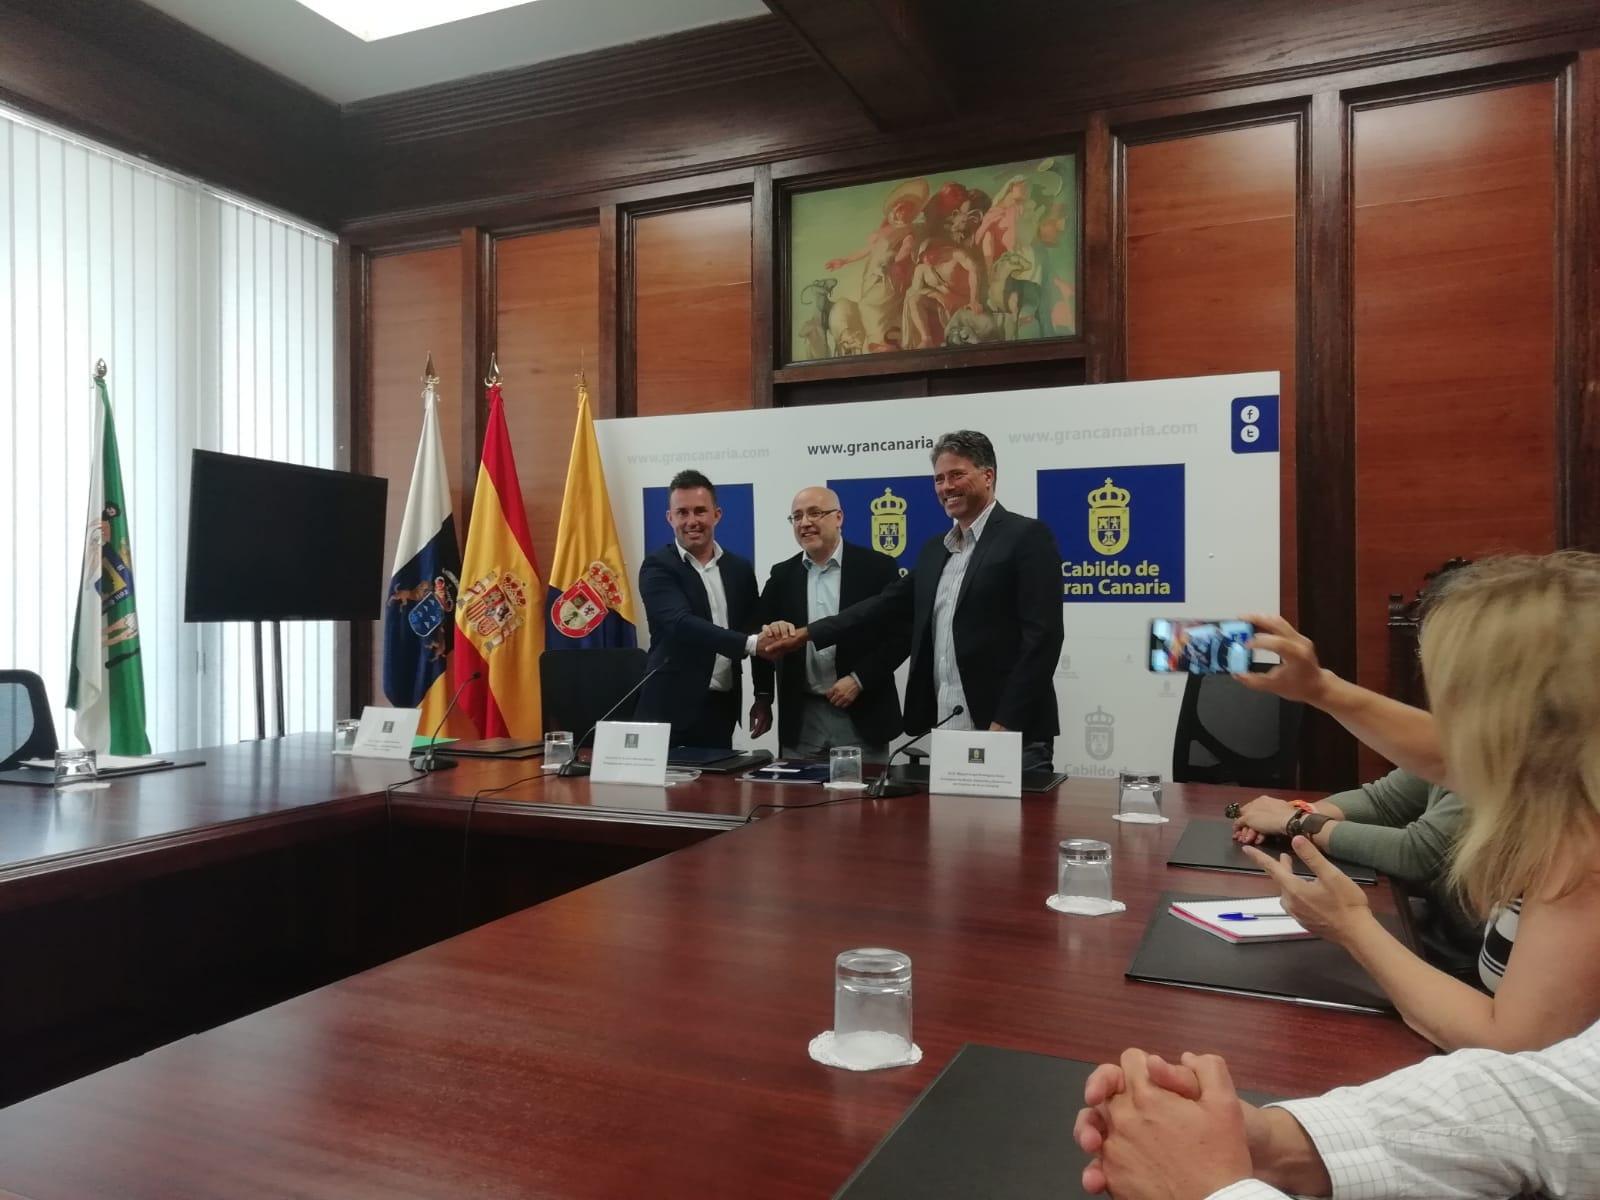 Convenio con el Cabildo de Gran Canaria